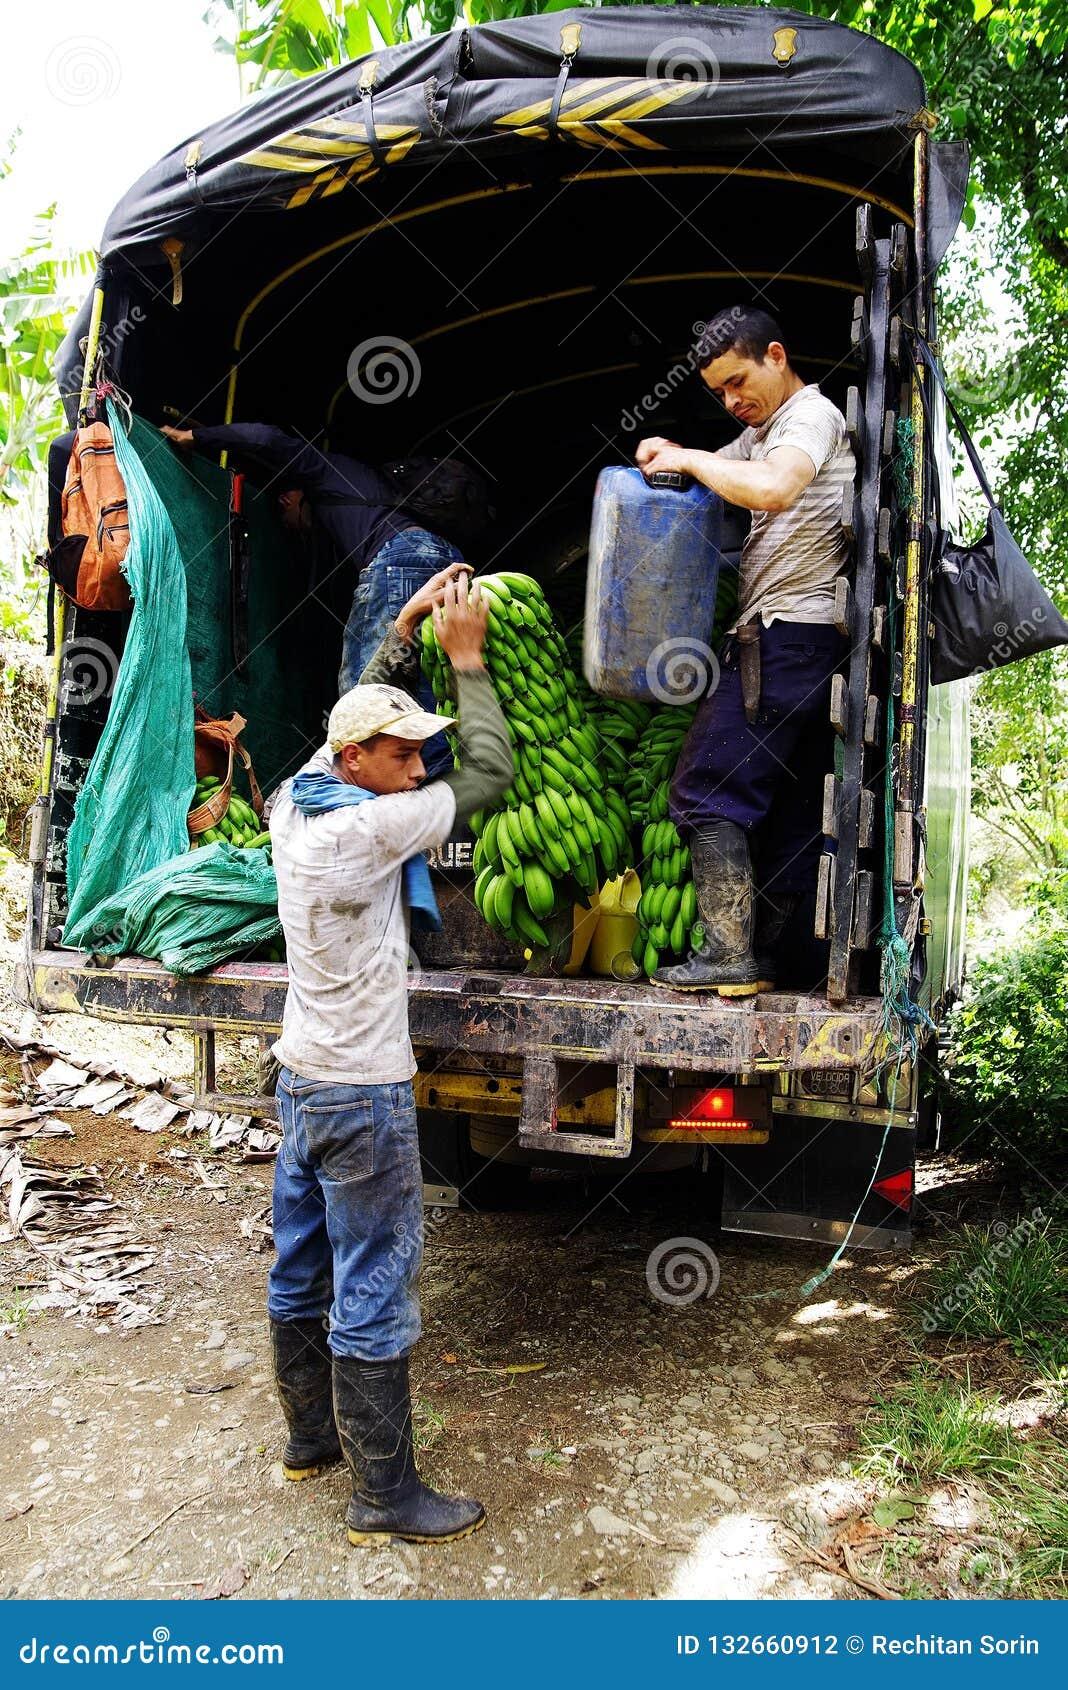 BUENA VISTA QUINDIO, COLOMBIA, 15 AUGUSTI, 2018: Skörda för banan